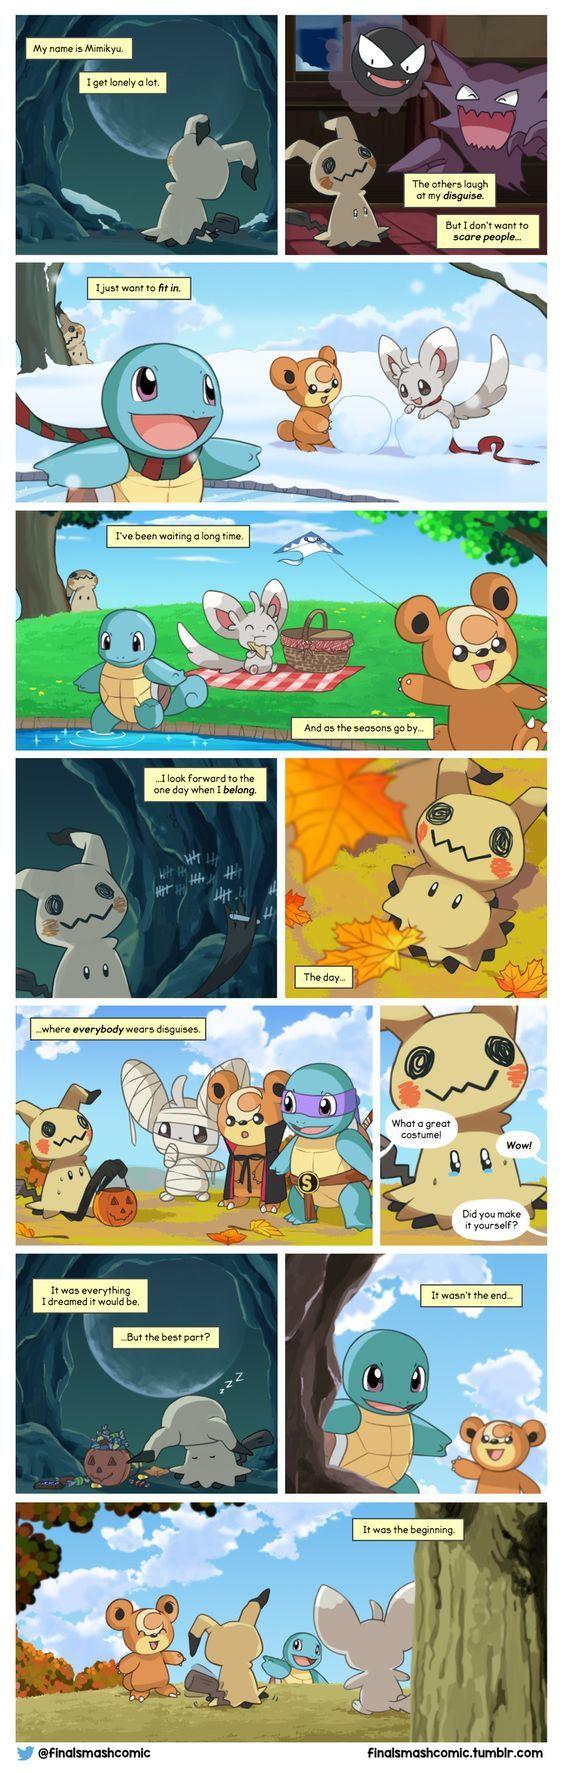 best pkmn images on pinterest pokemon stuff pokemon starters